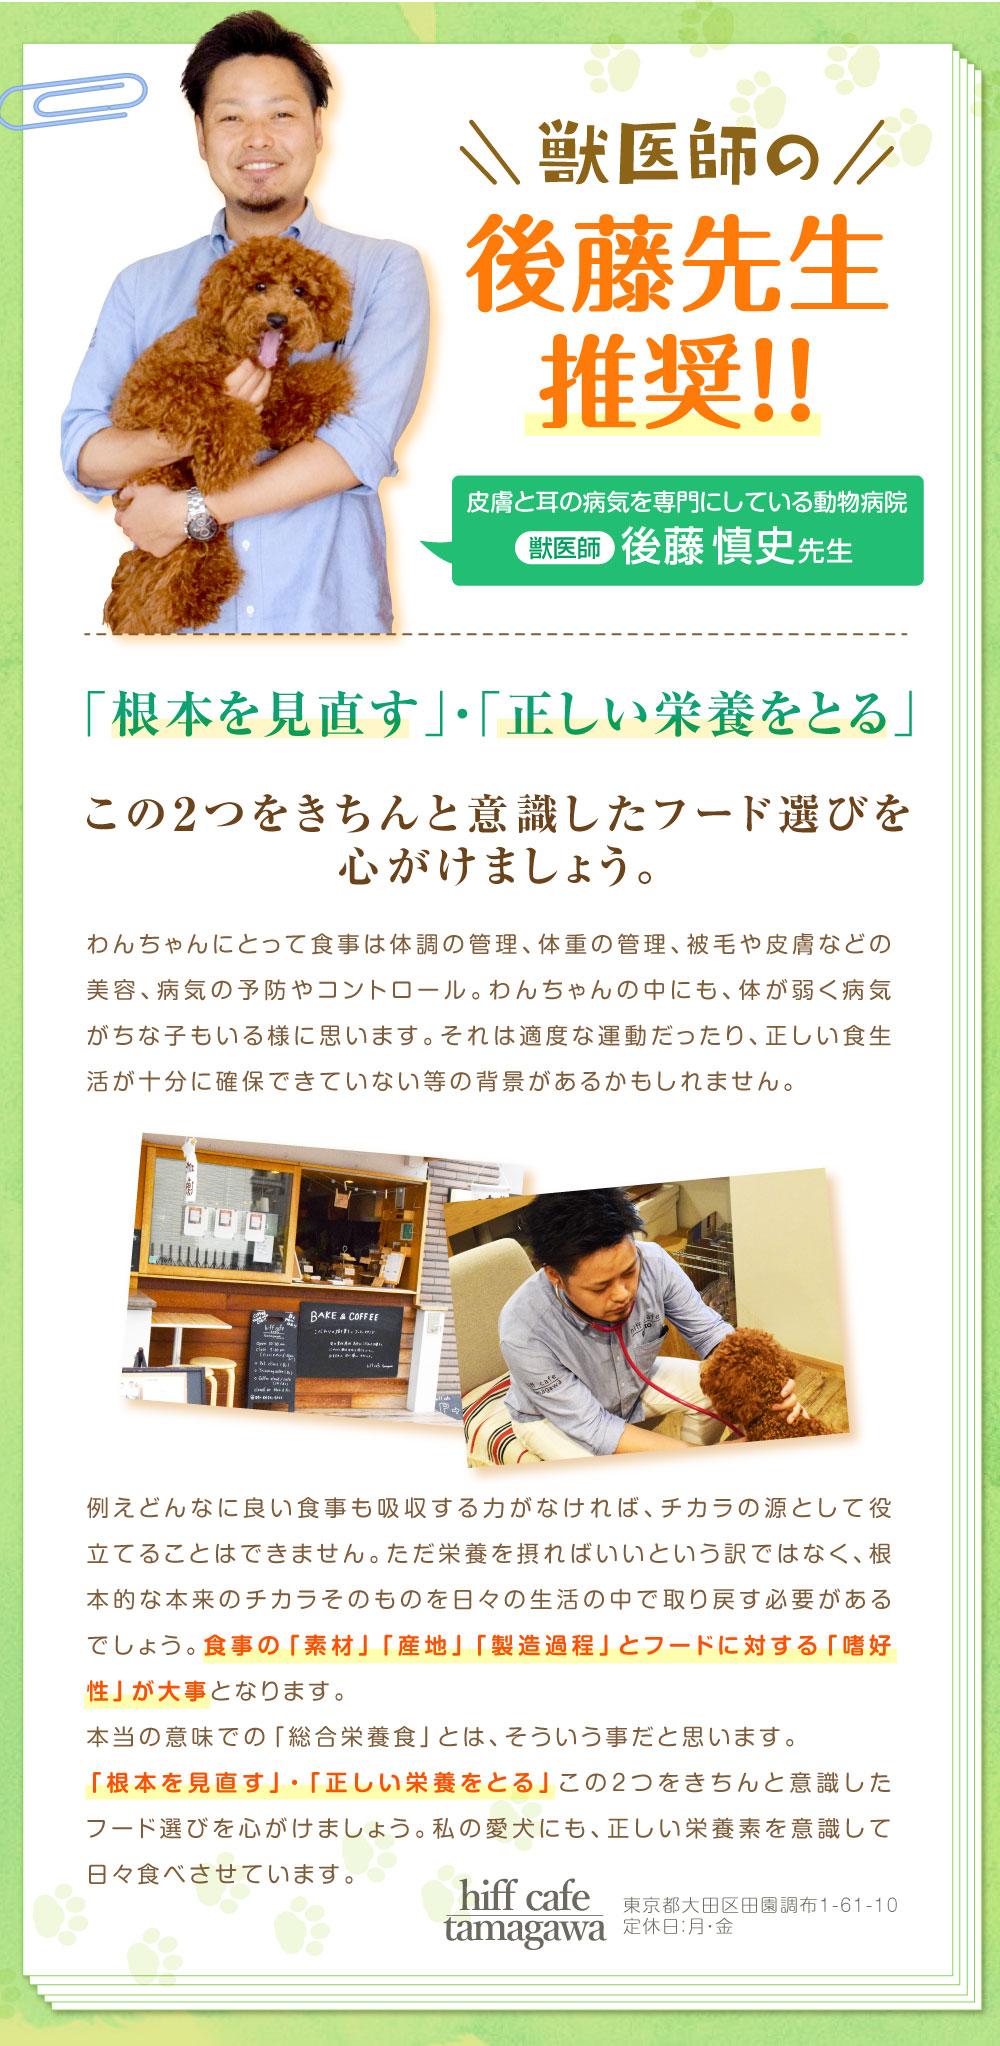 獣医師、後藤先生から推奨をいただきました!